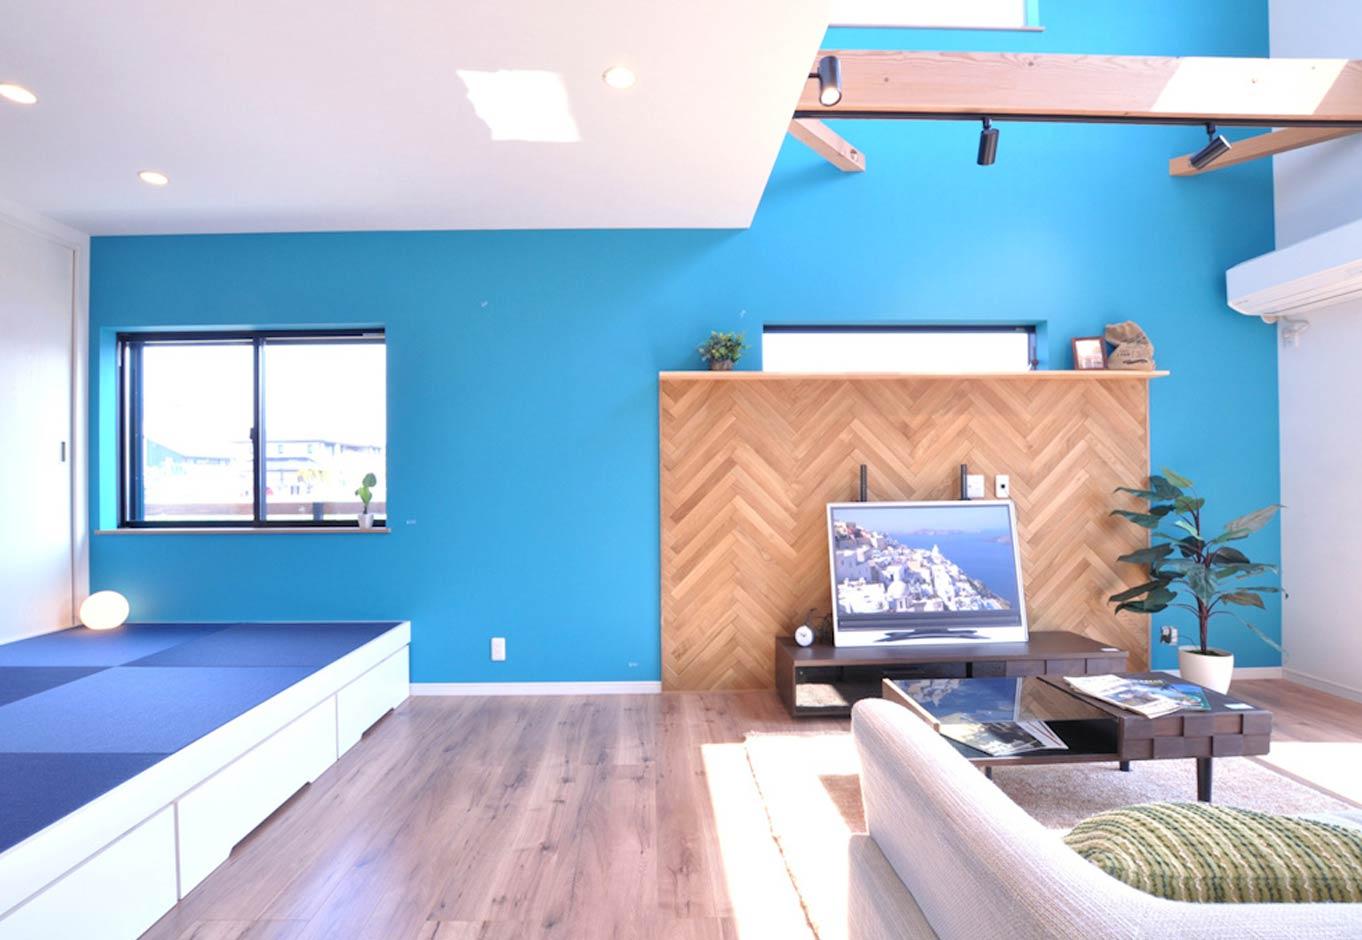 リビングと隣接する小上がりの畳コーナー。青い市松模様の畳の下は収納スペース。客間として使うのはもちろん、洗濯物をたたんだり、赤ちゃんをお昼寝させる場所として重宝している。ベンチ代わりに腰かけると、ソファと目線の高さが同じになり、コミュニケーションを取りやすい